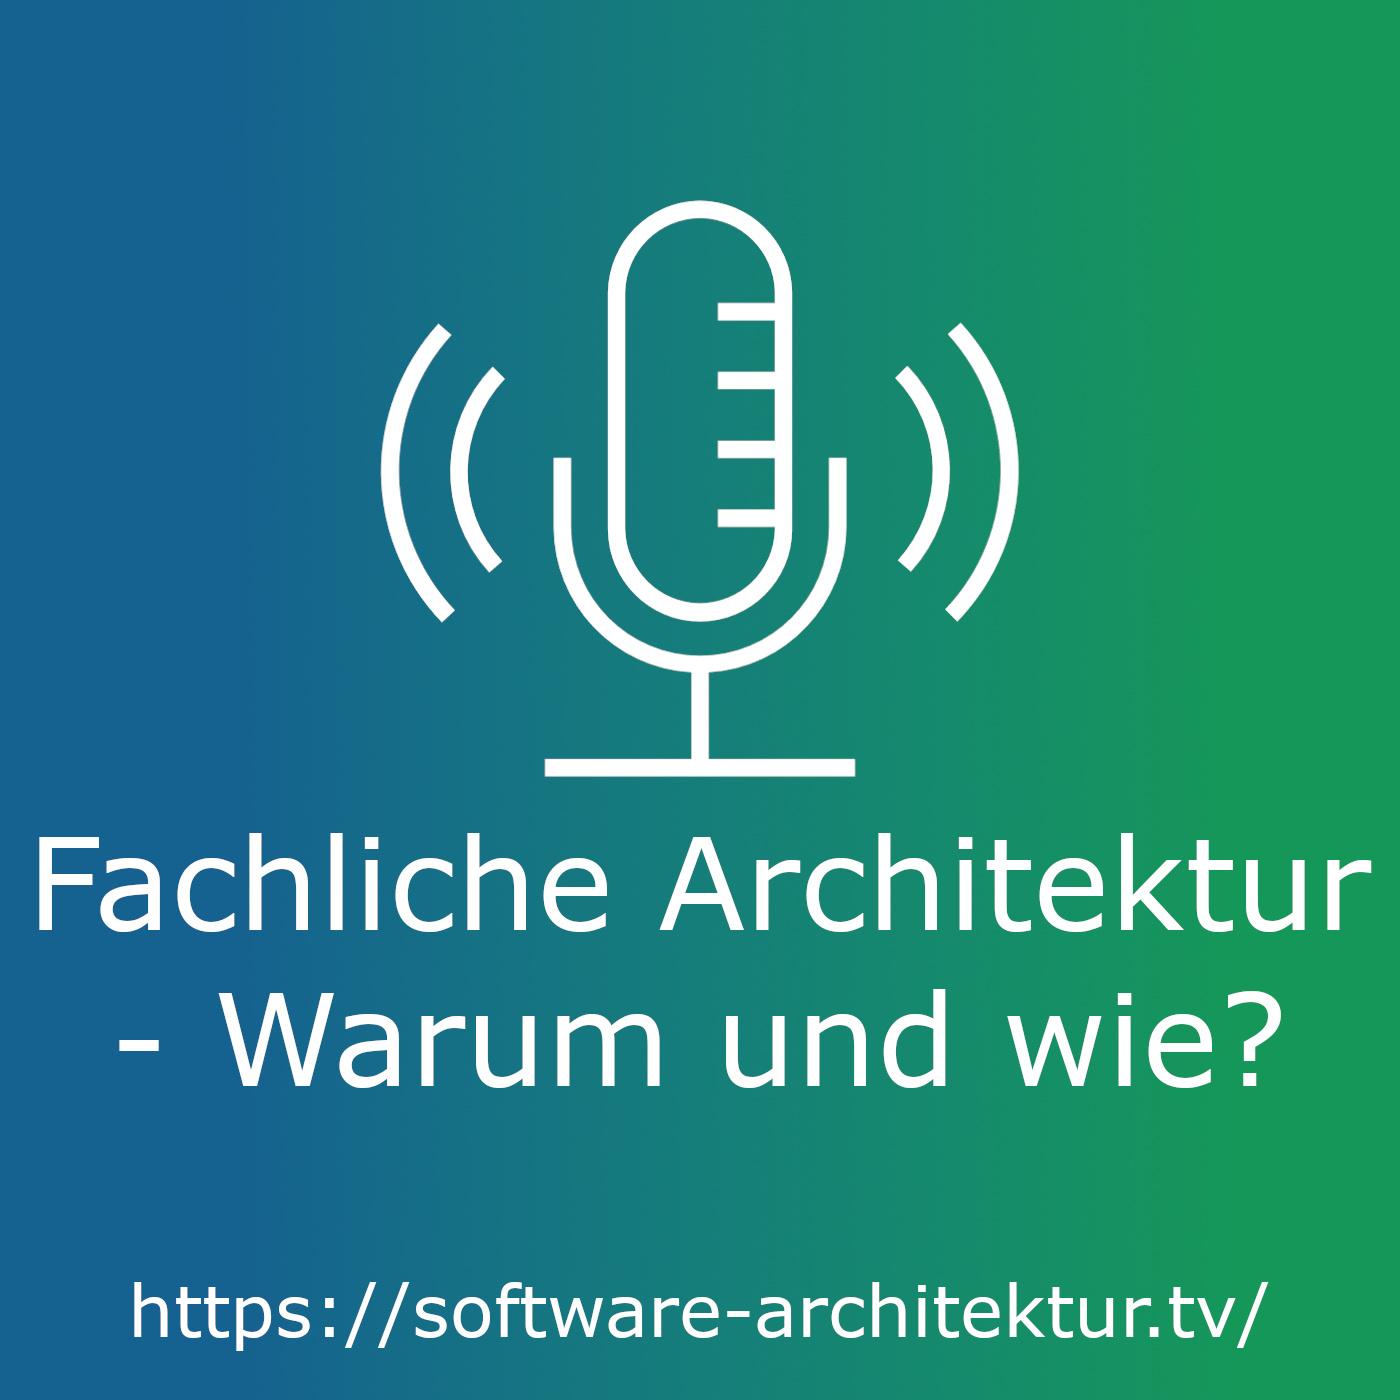 Fachliche Architektur - Warum und wie?